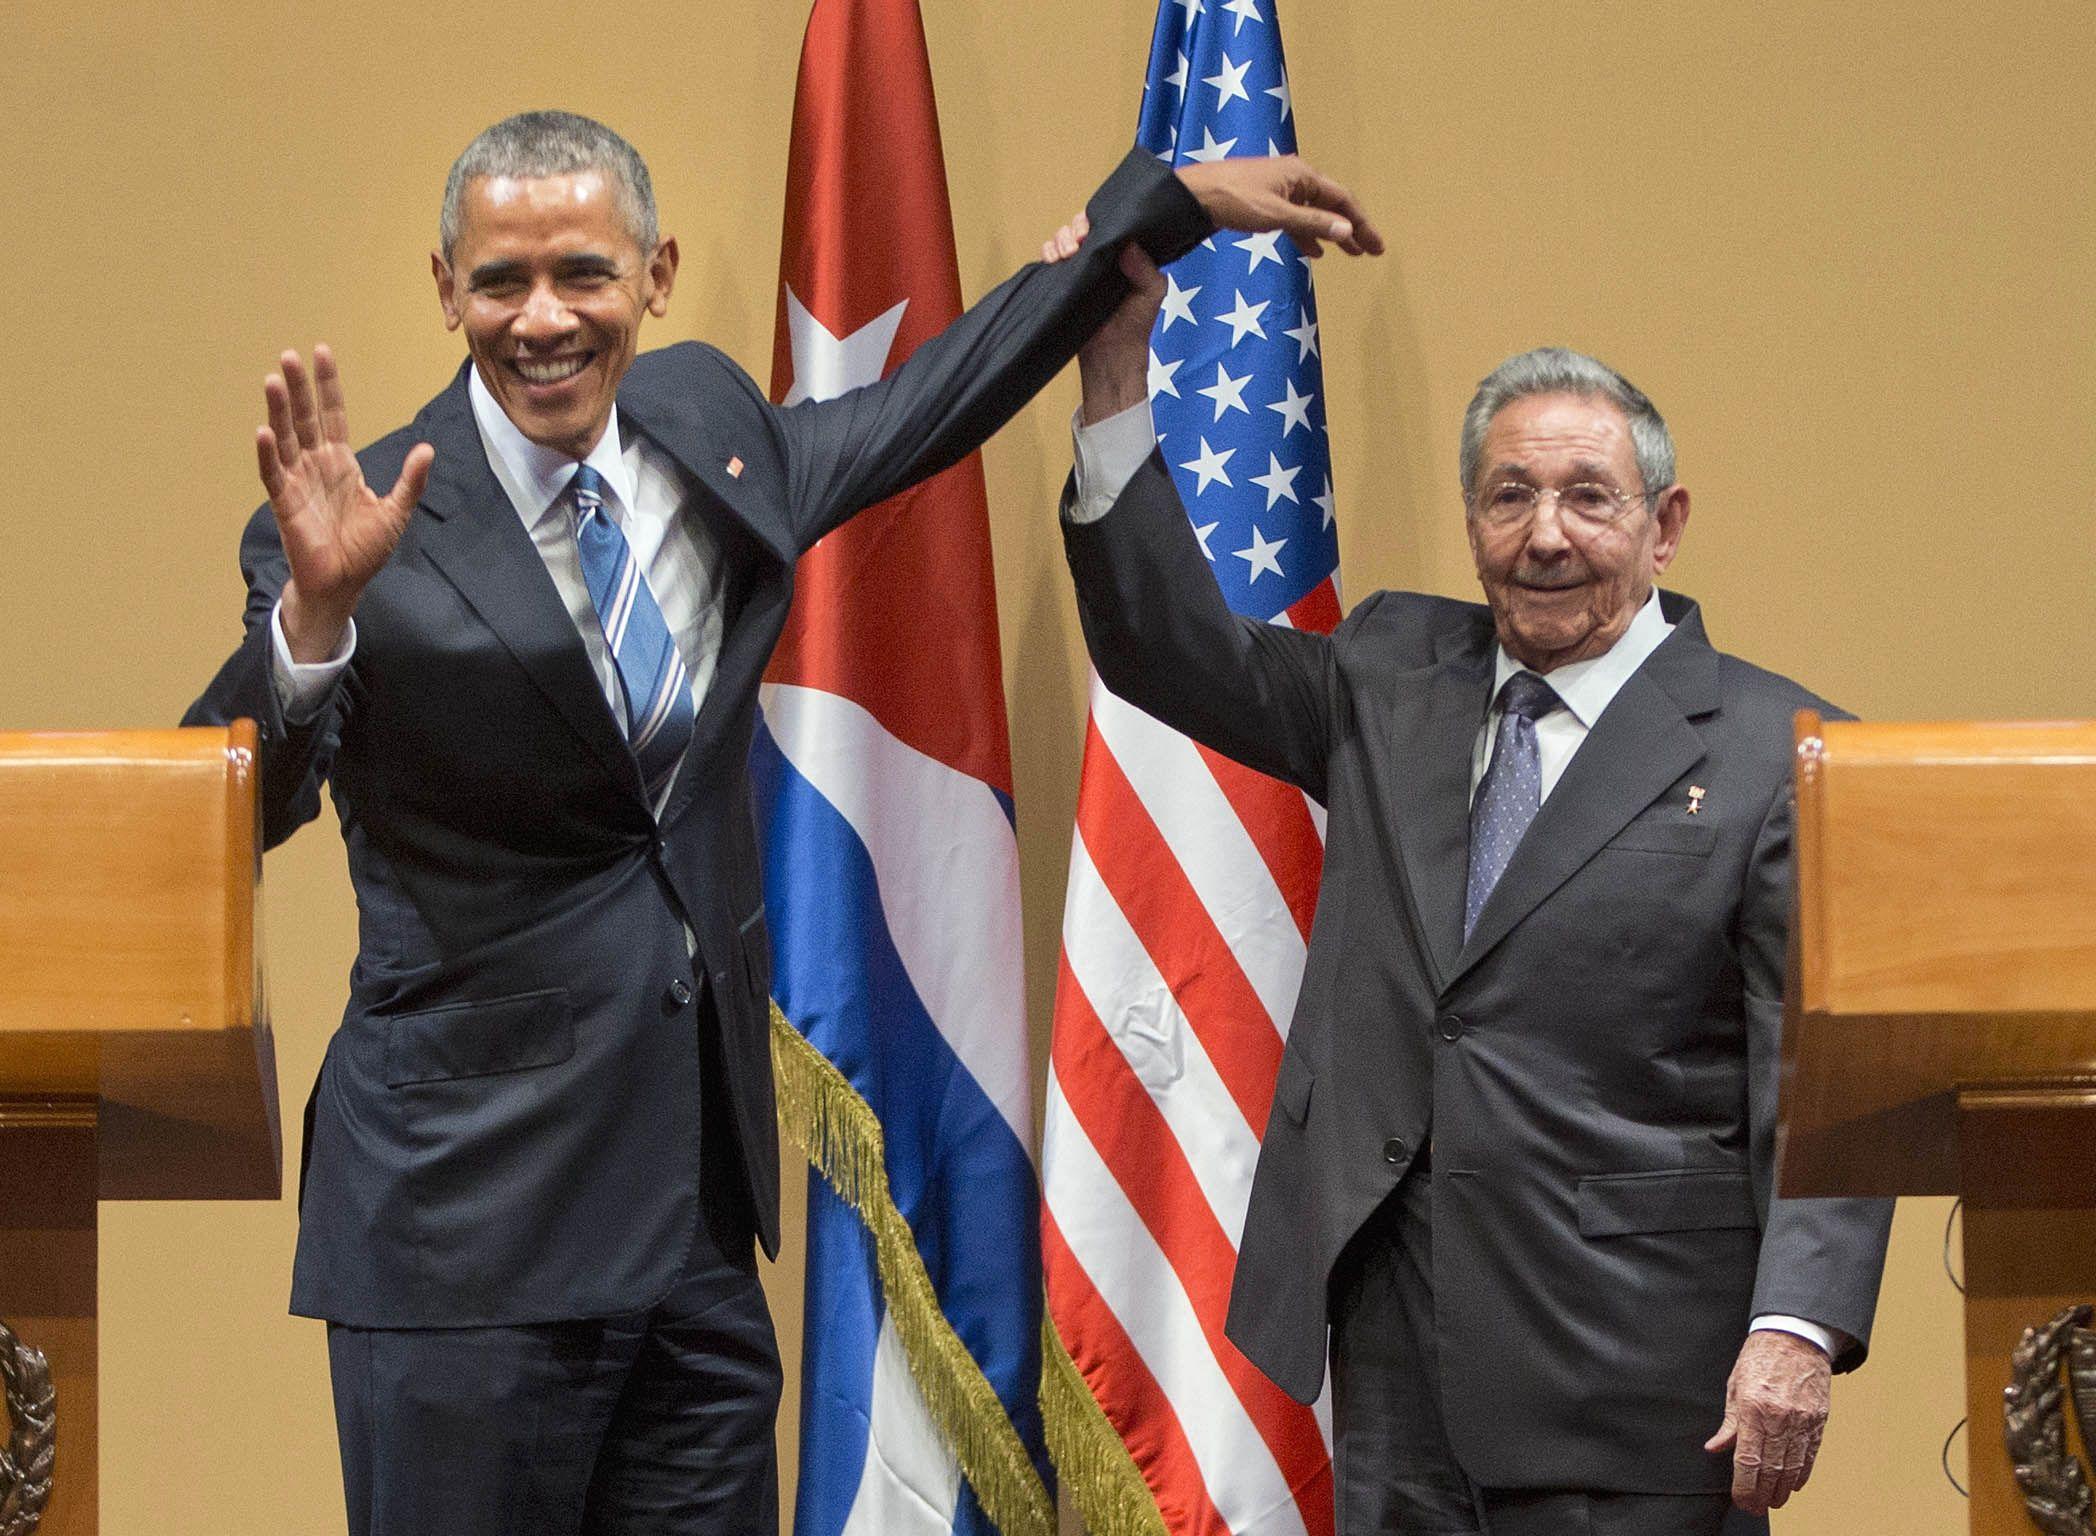 Buena onda. Obama y Raúl Castro se toman del brazo durante la conferencia de prensa.